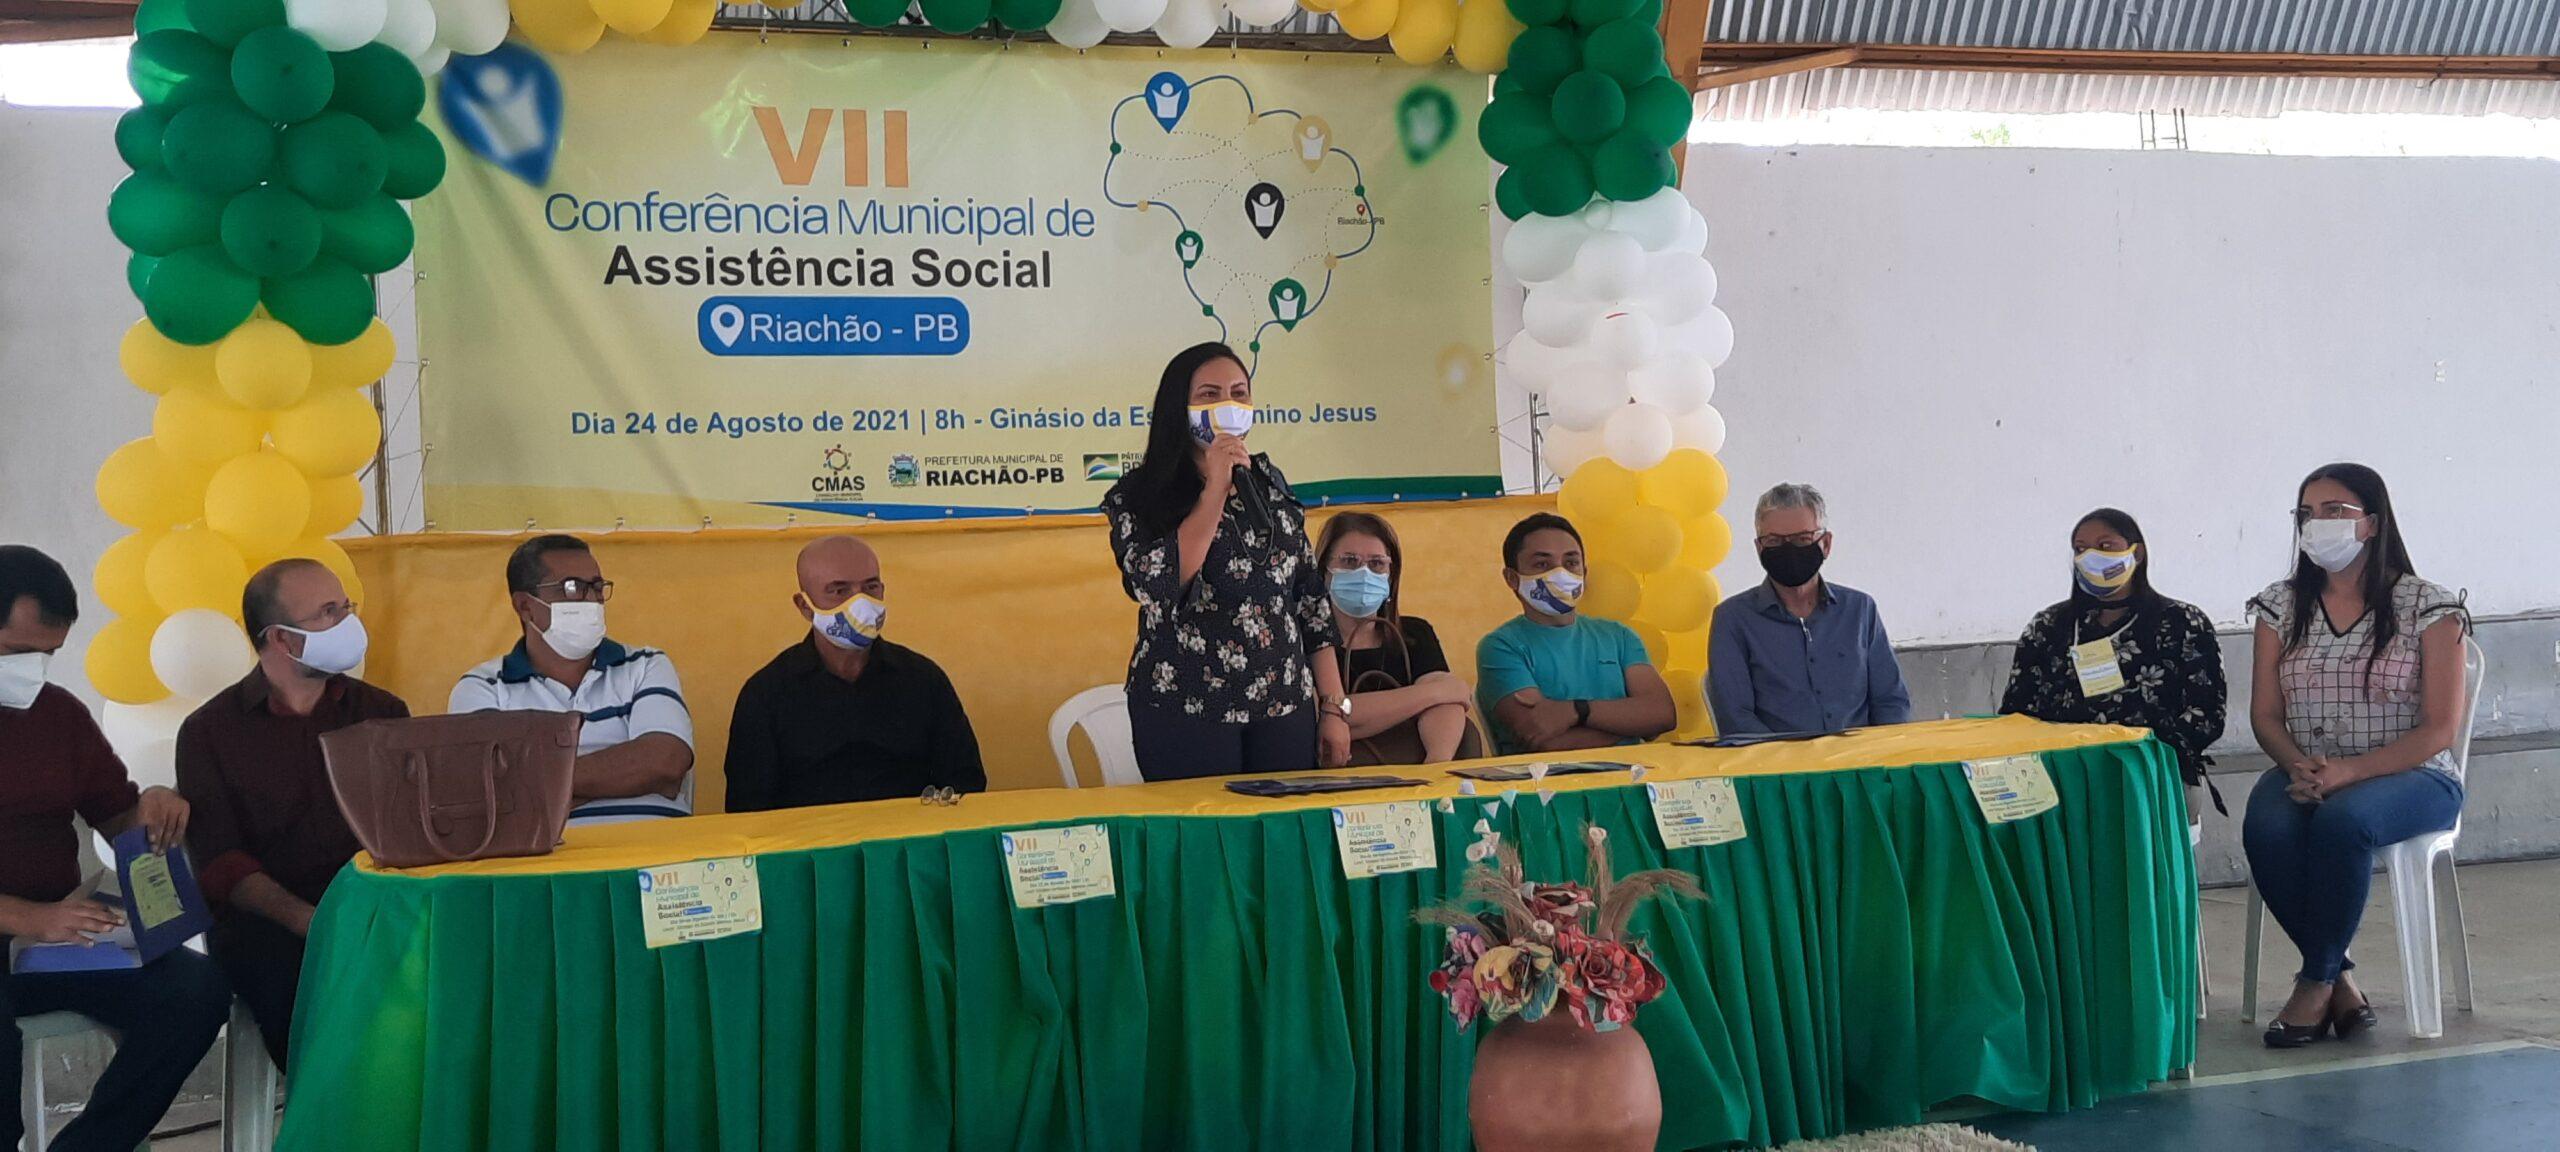 VII CONFERÊNCIA DA AÇÃO SOCIAL MUNICIPAL